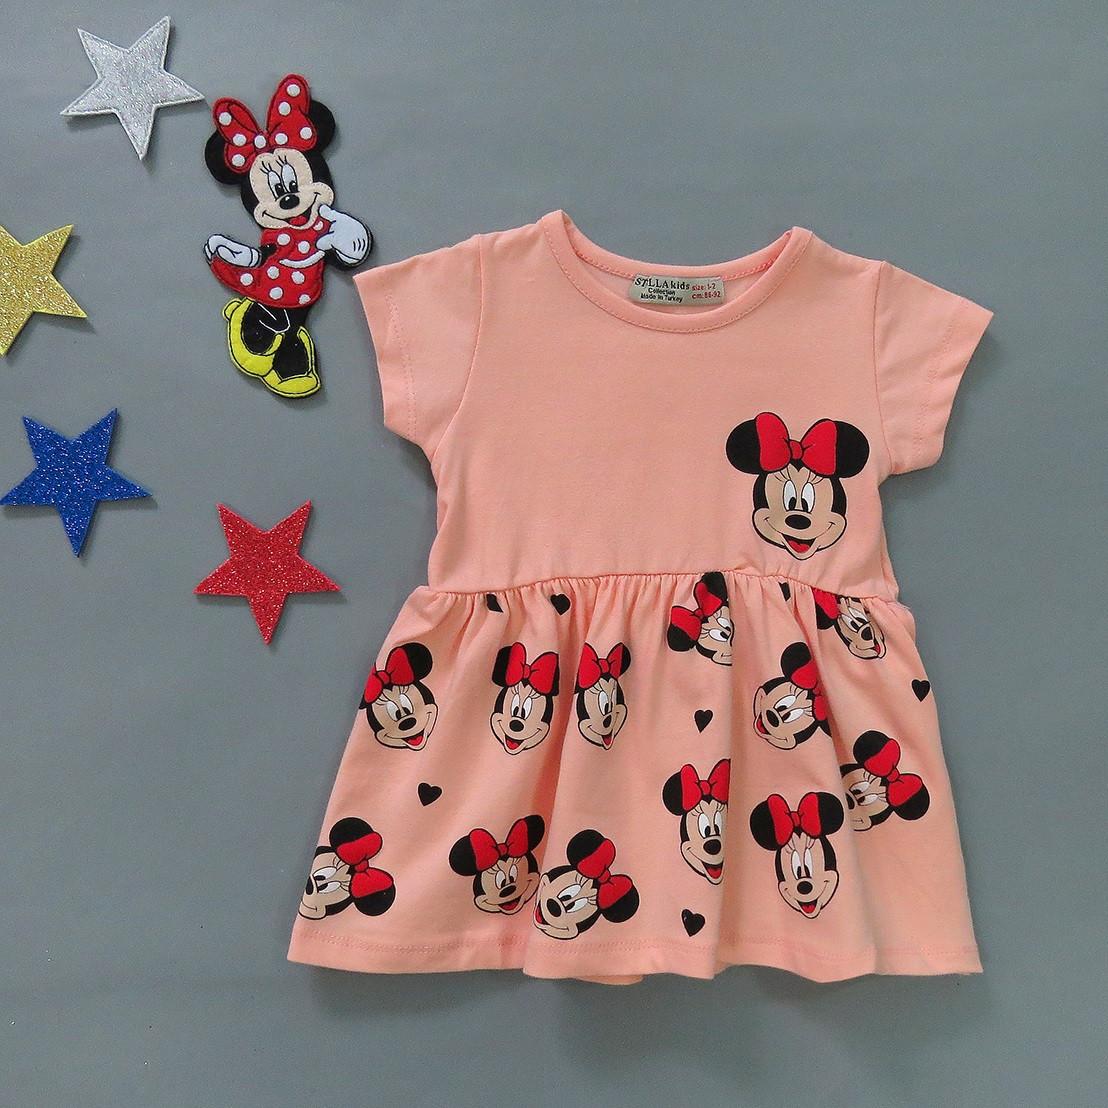 Летнее платье Minnie Mouse для девочки. Маломерит. 86-92;  122-128 см